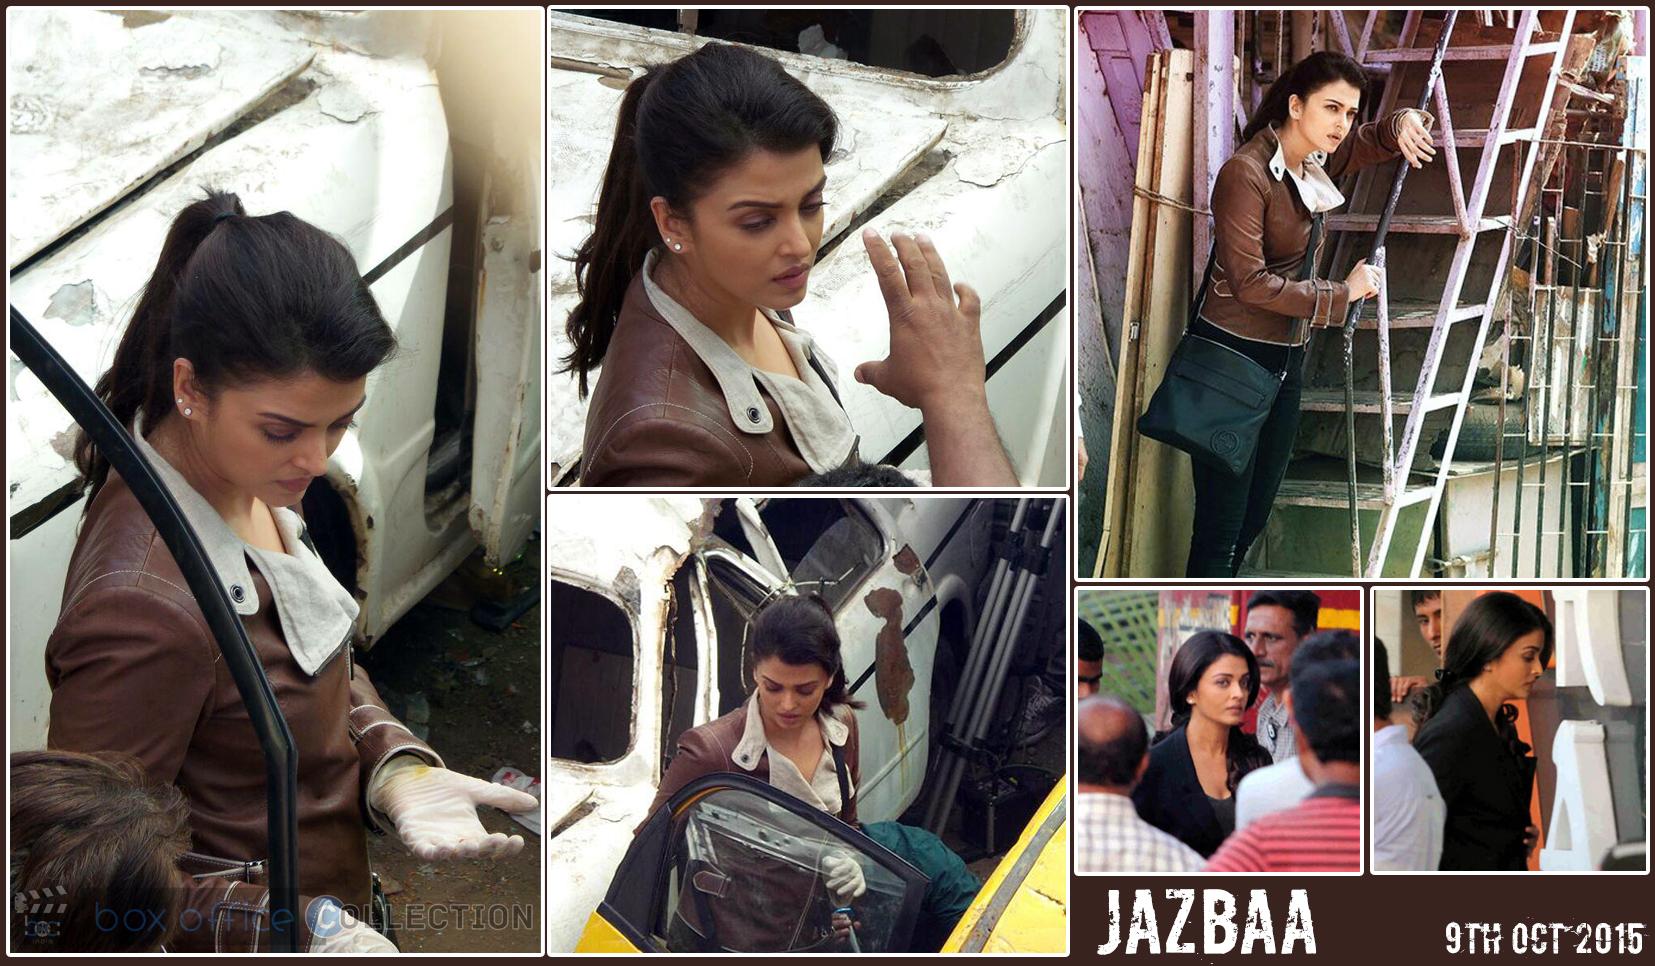 jazbaa-movie-poster